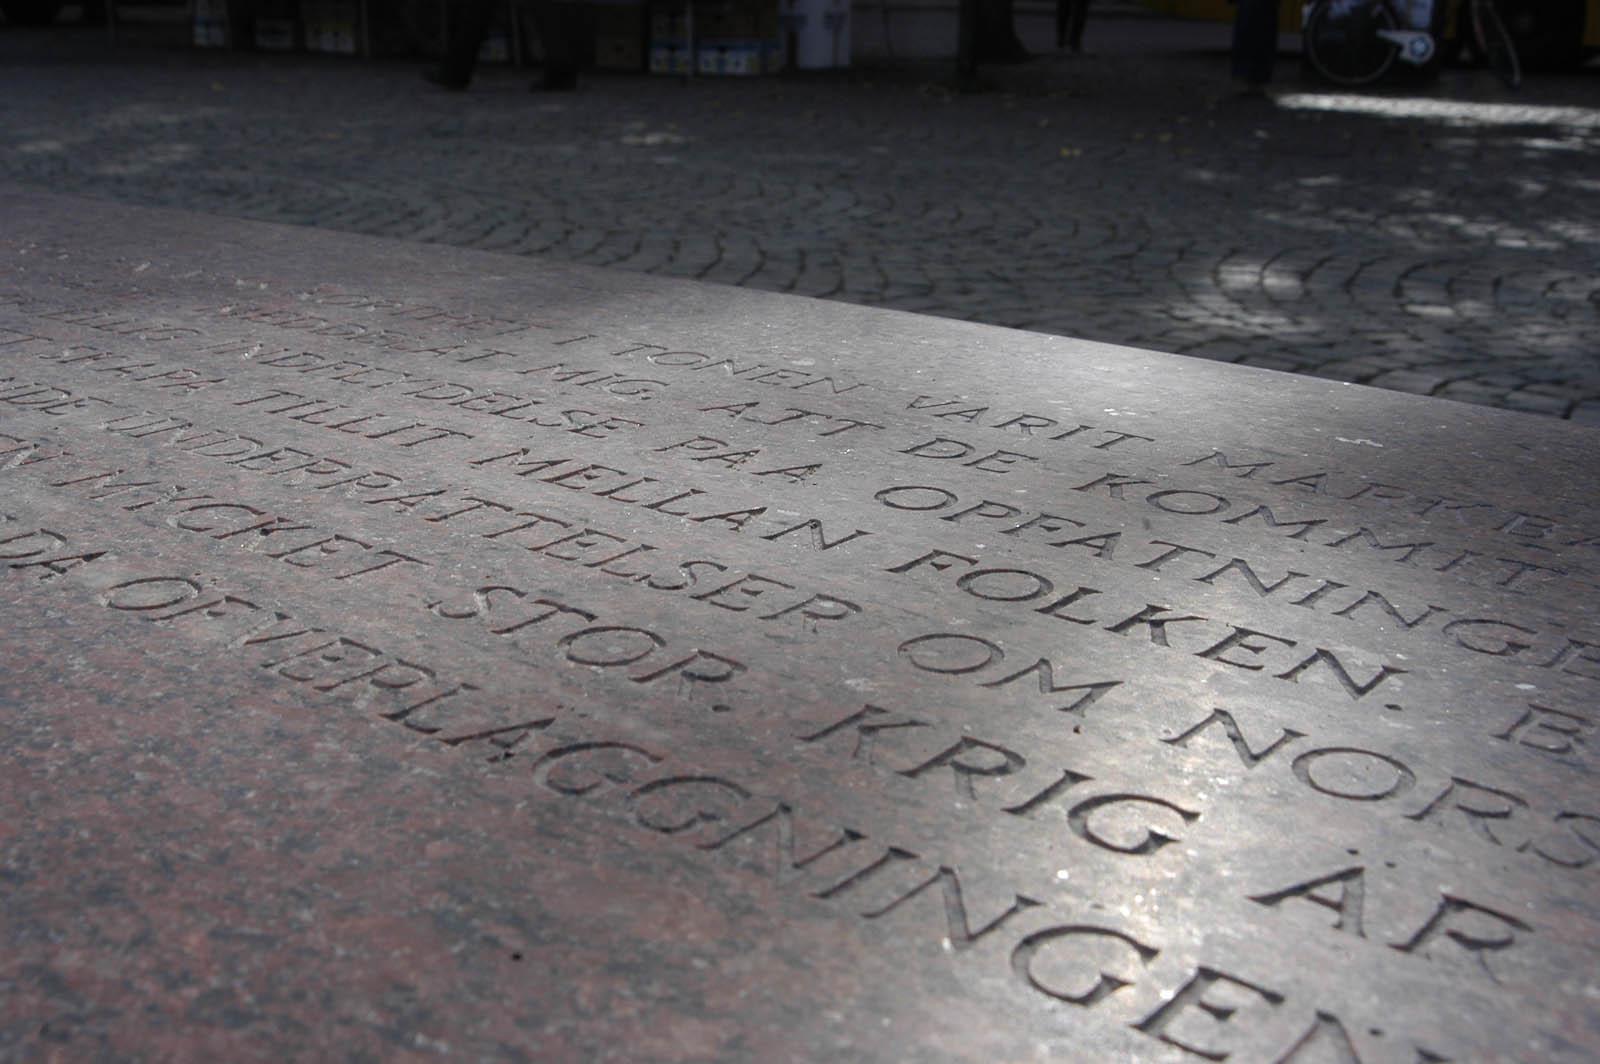 """Del av graverad text på granitbänk. Man anar orden: """"folket"""" och """"krig.""""Jenny Holzer, For Karlstad."""